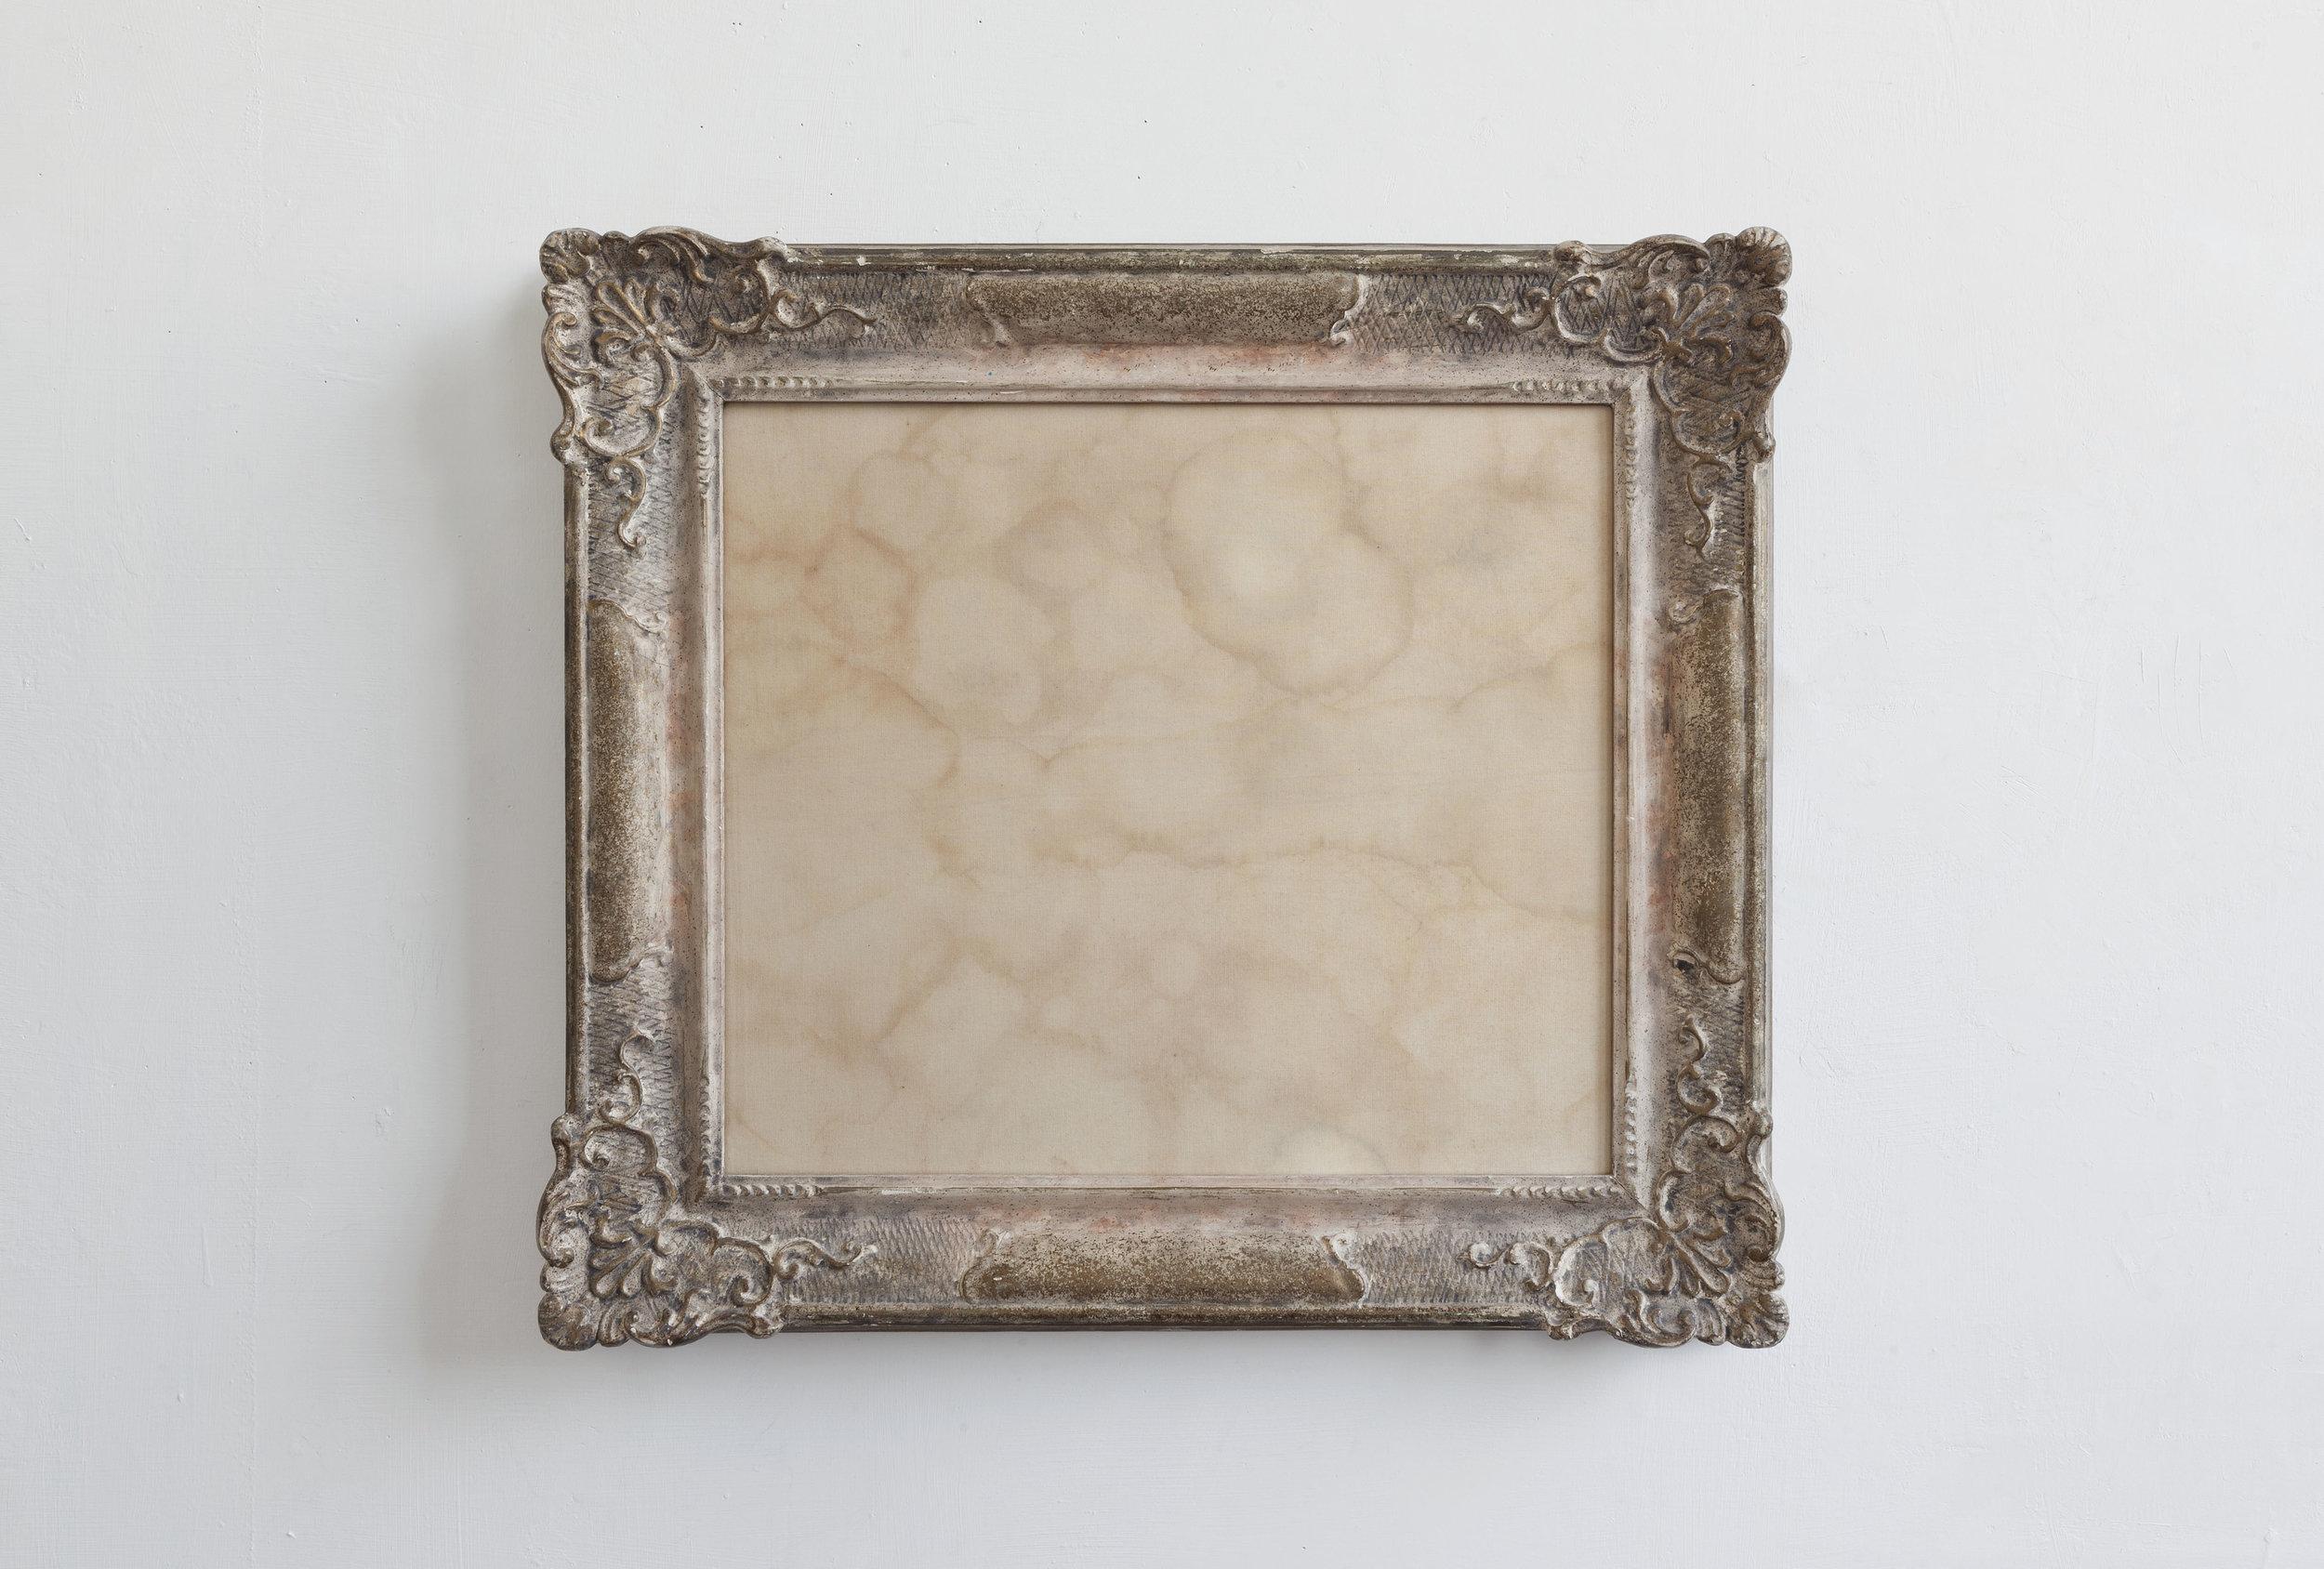 Autoritratto in forma di cielo  2012 - Umori del tempo, federa di cuscino, cornice - cm 48x54x7c